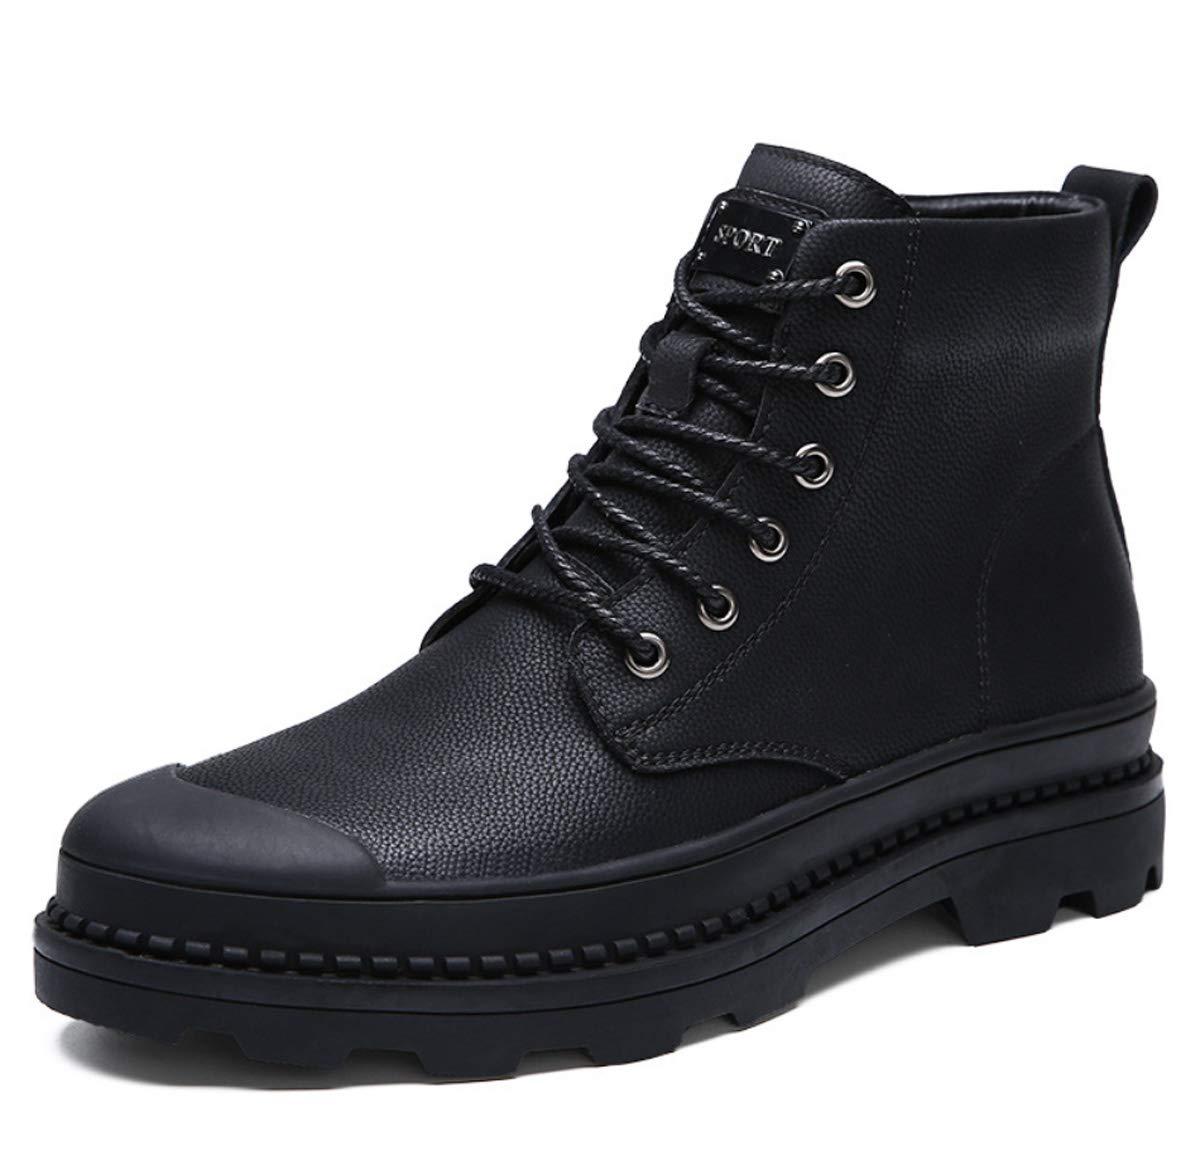 DANDANJIE Herren High-top Schuhe Leder Martin Stiefel Chelsea Stiefel Casual Angeln Werkzeug Stiefel